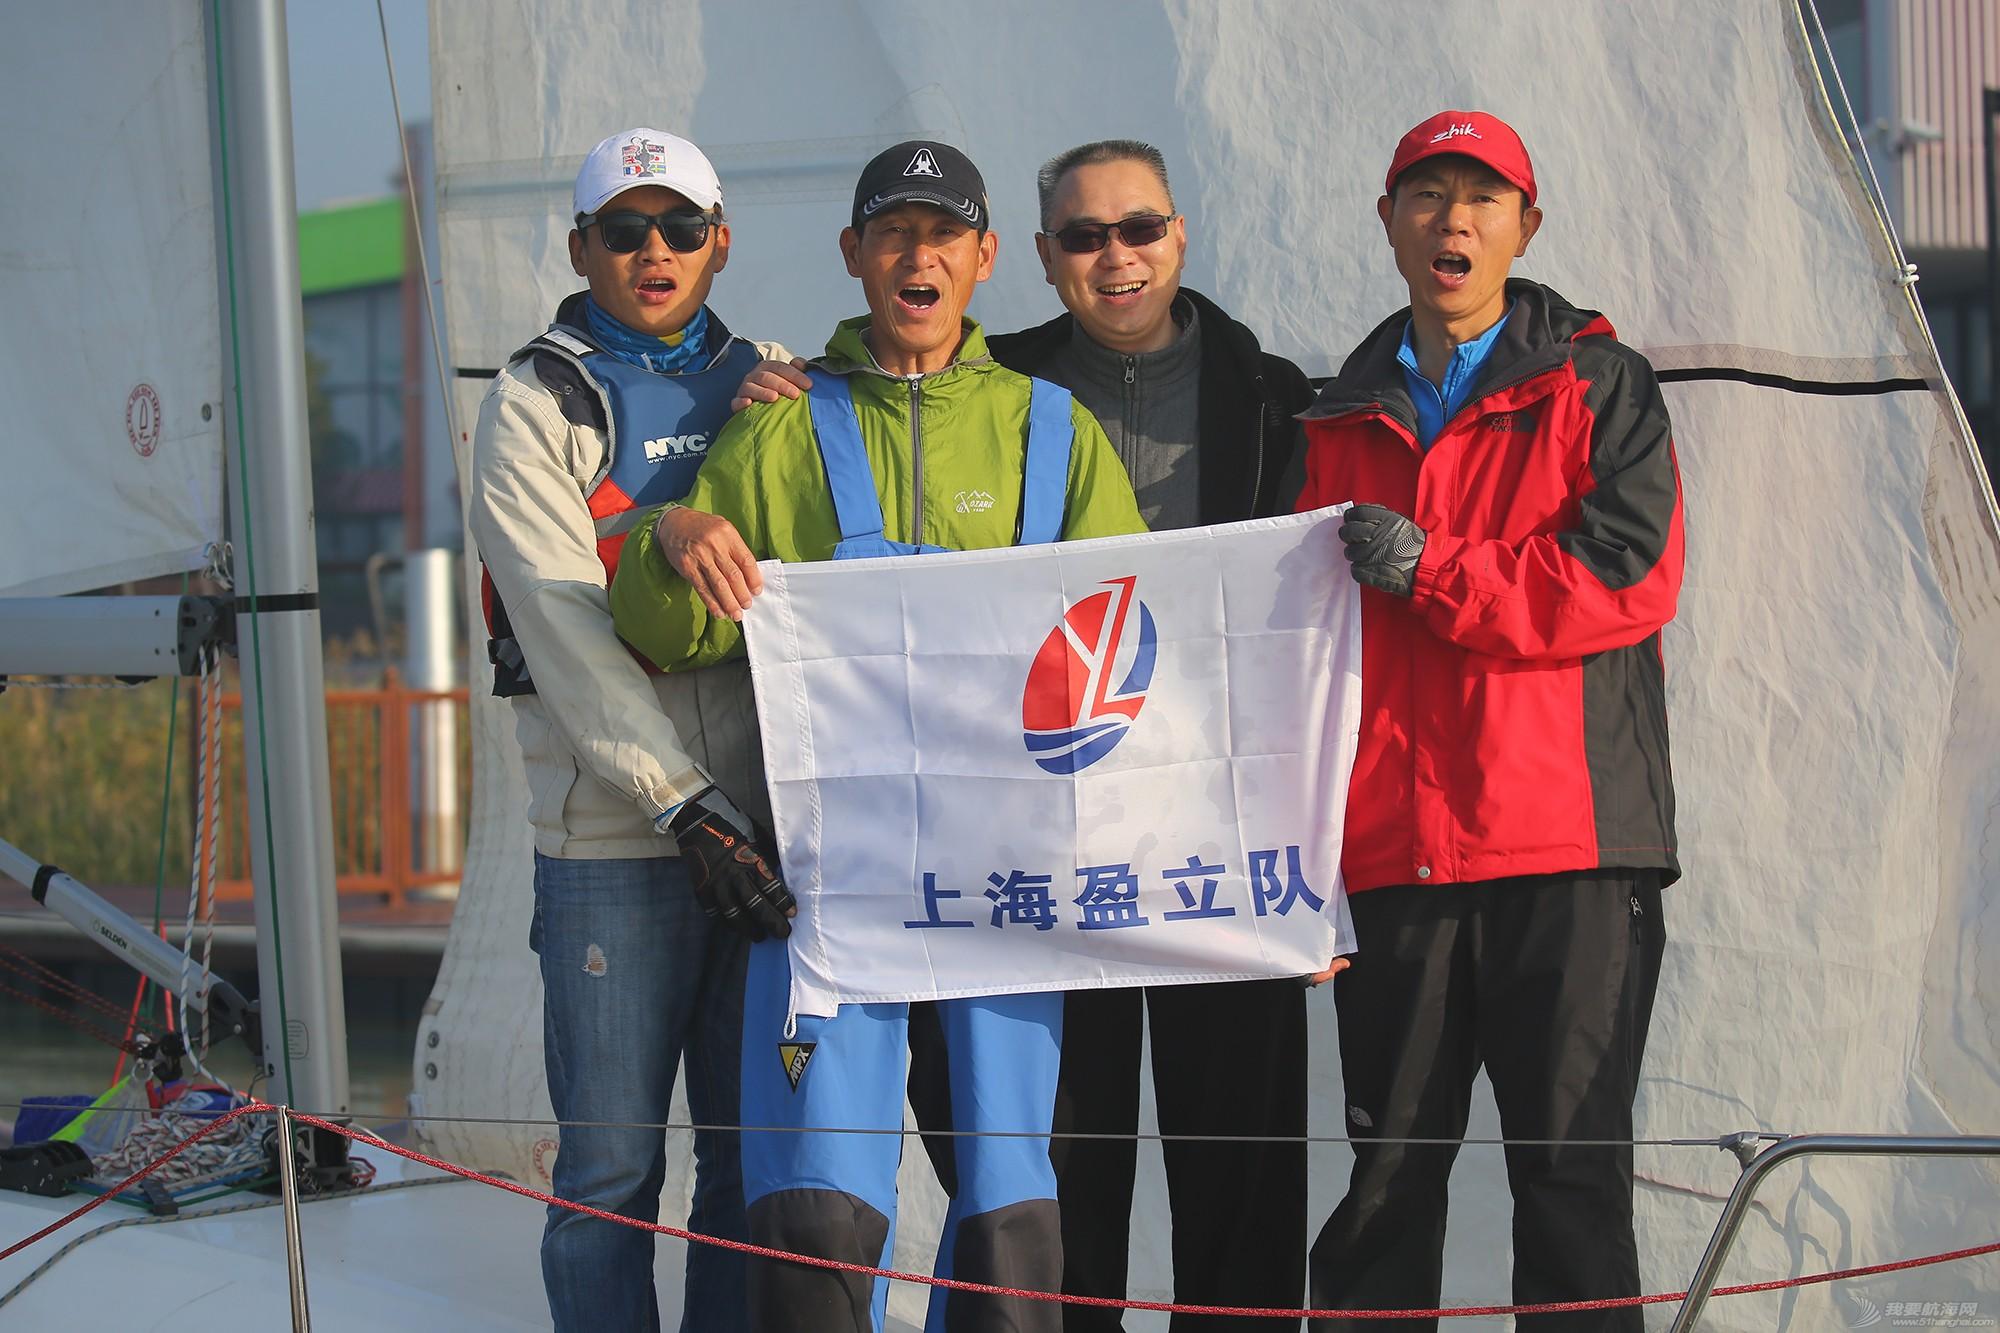 """拉力赛,帆船,太湖 2016""""菱湖湾杯""""环太湖帆船拉力赛参赛船队、船员风采 E78W9996.JPG"""